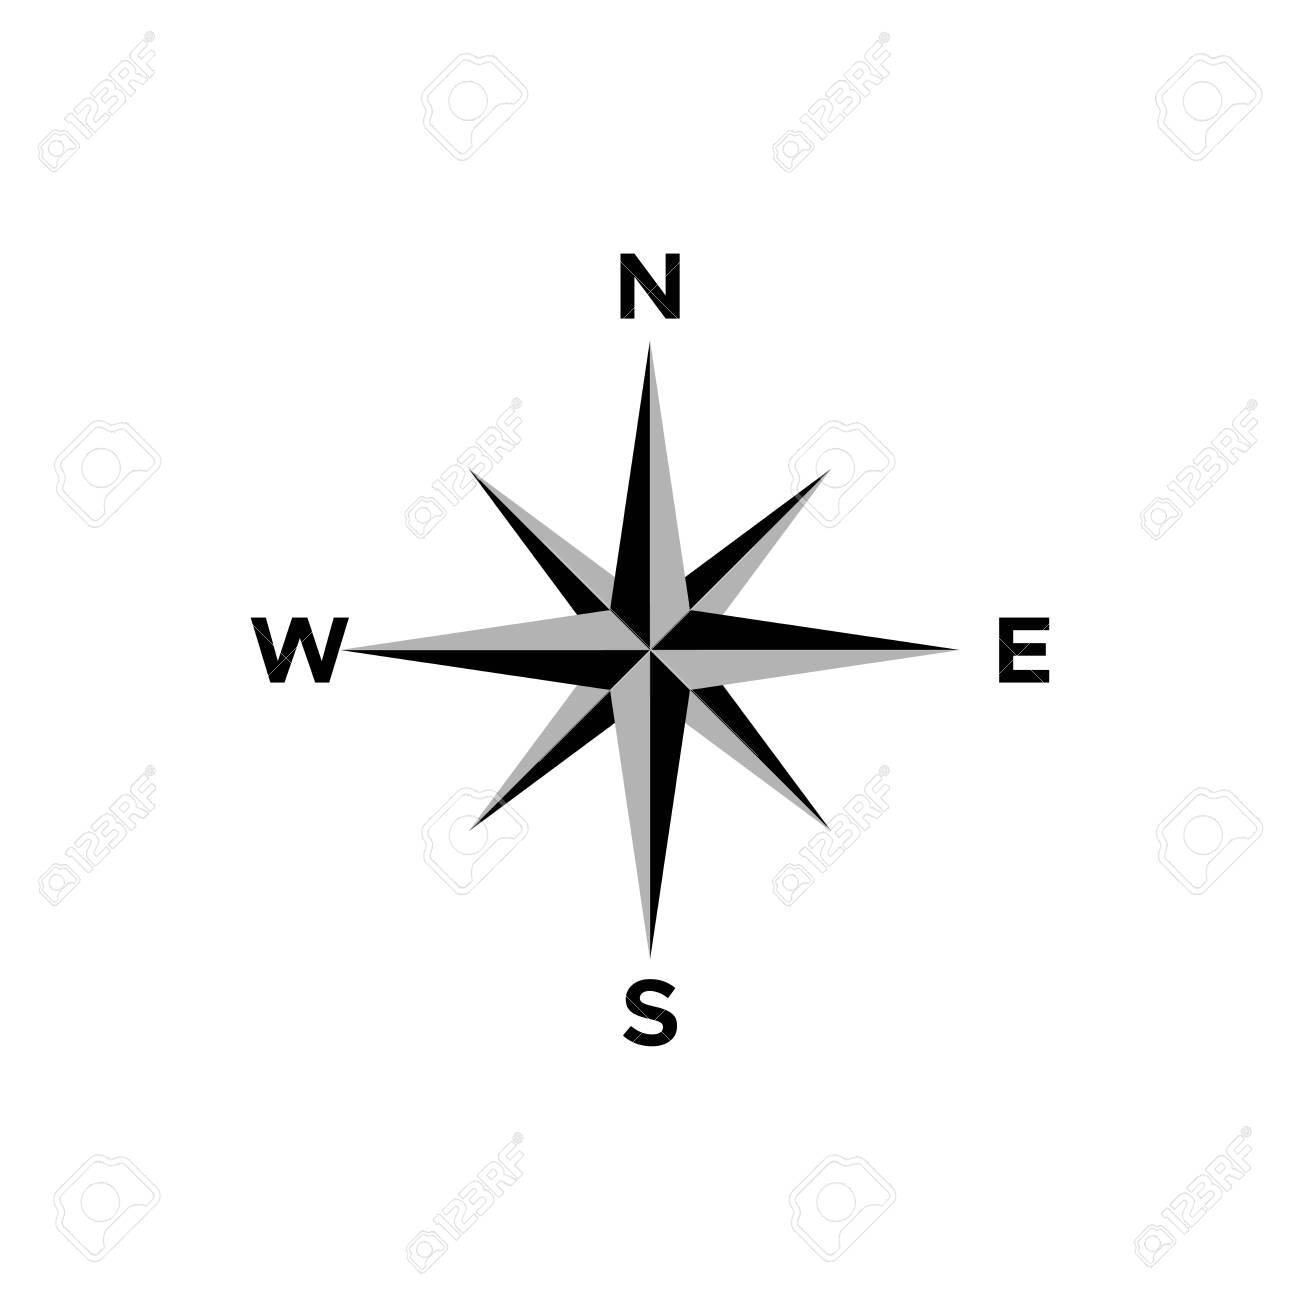 compass icon vector design symbol - 142765198